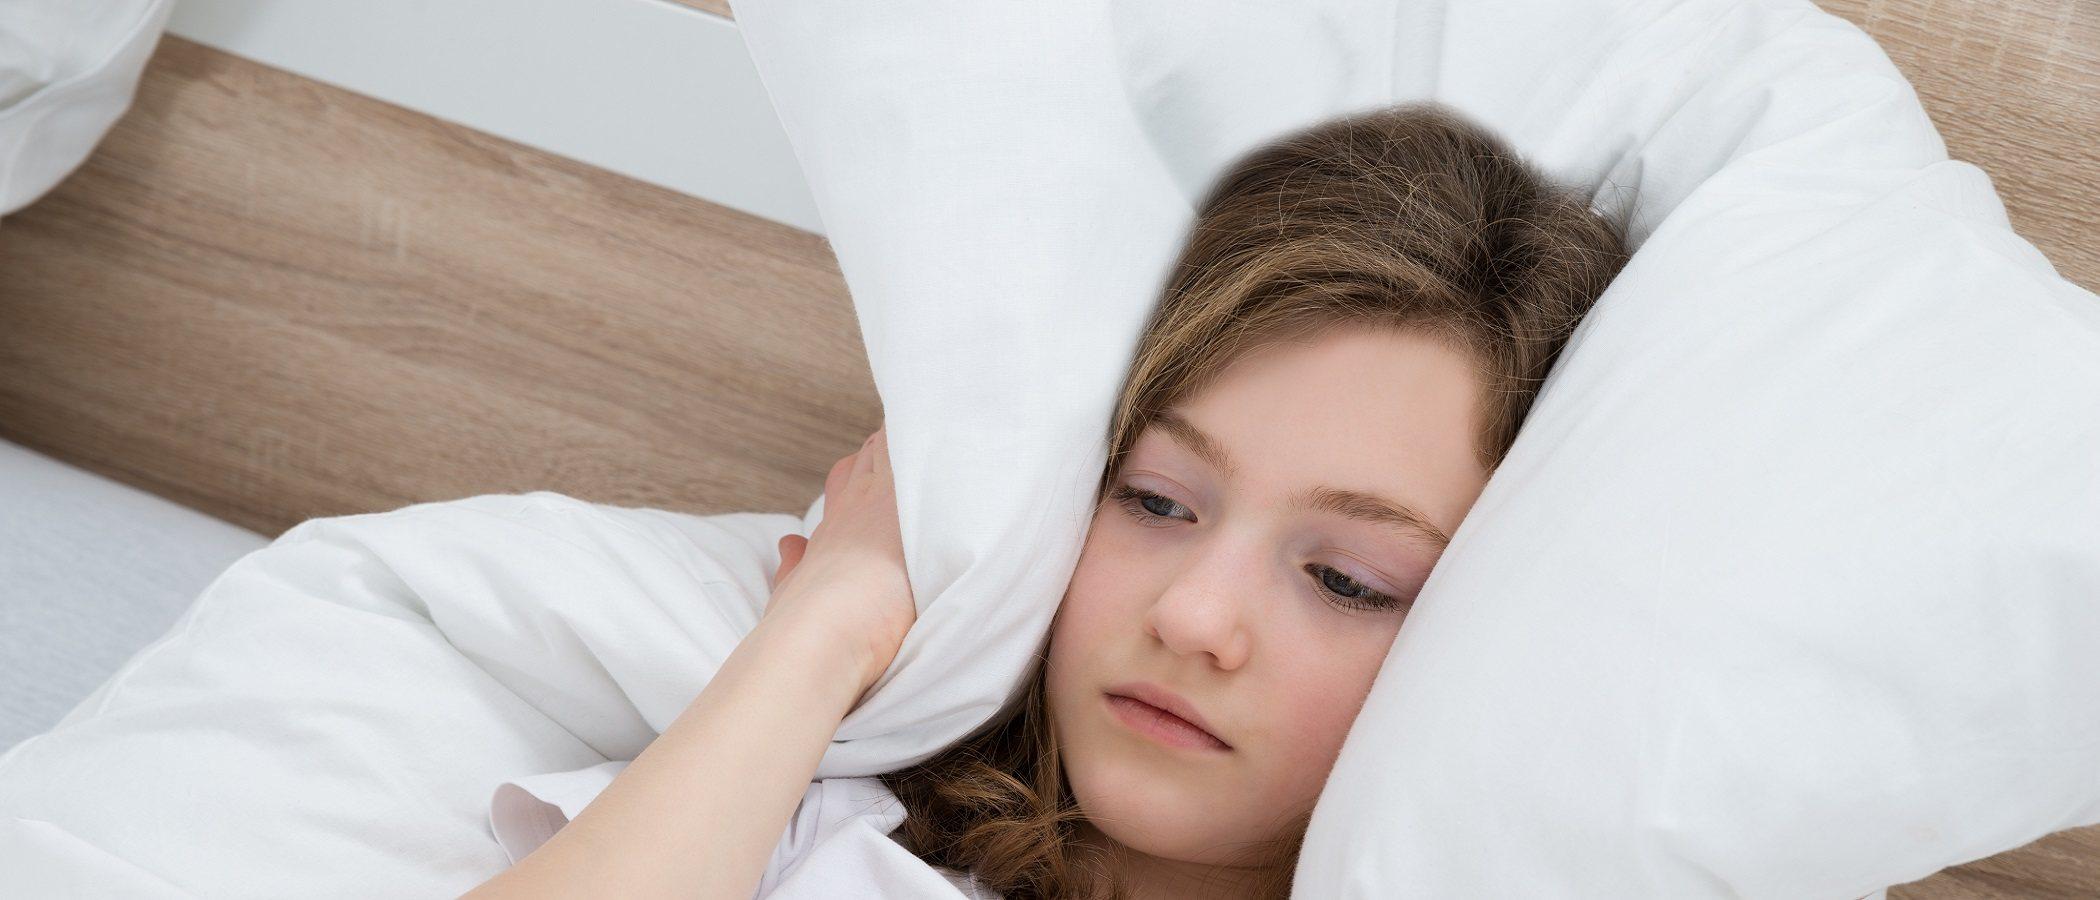 Los niños que no duermen bien puede tener más problemas de sobrepeso en el futuro